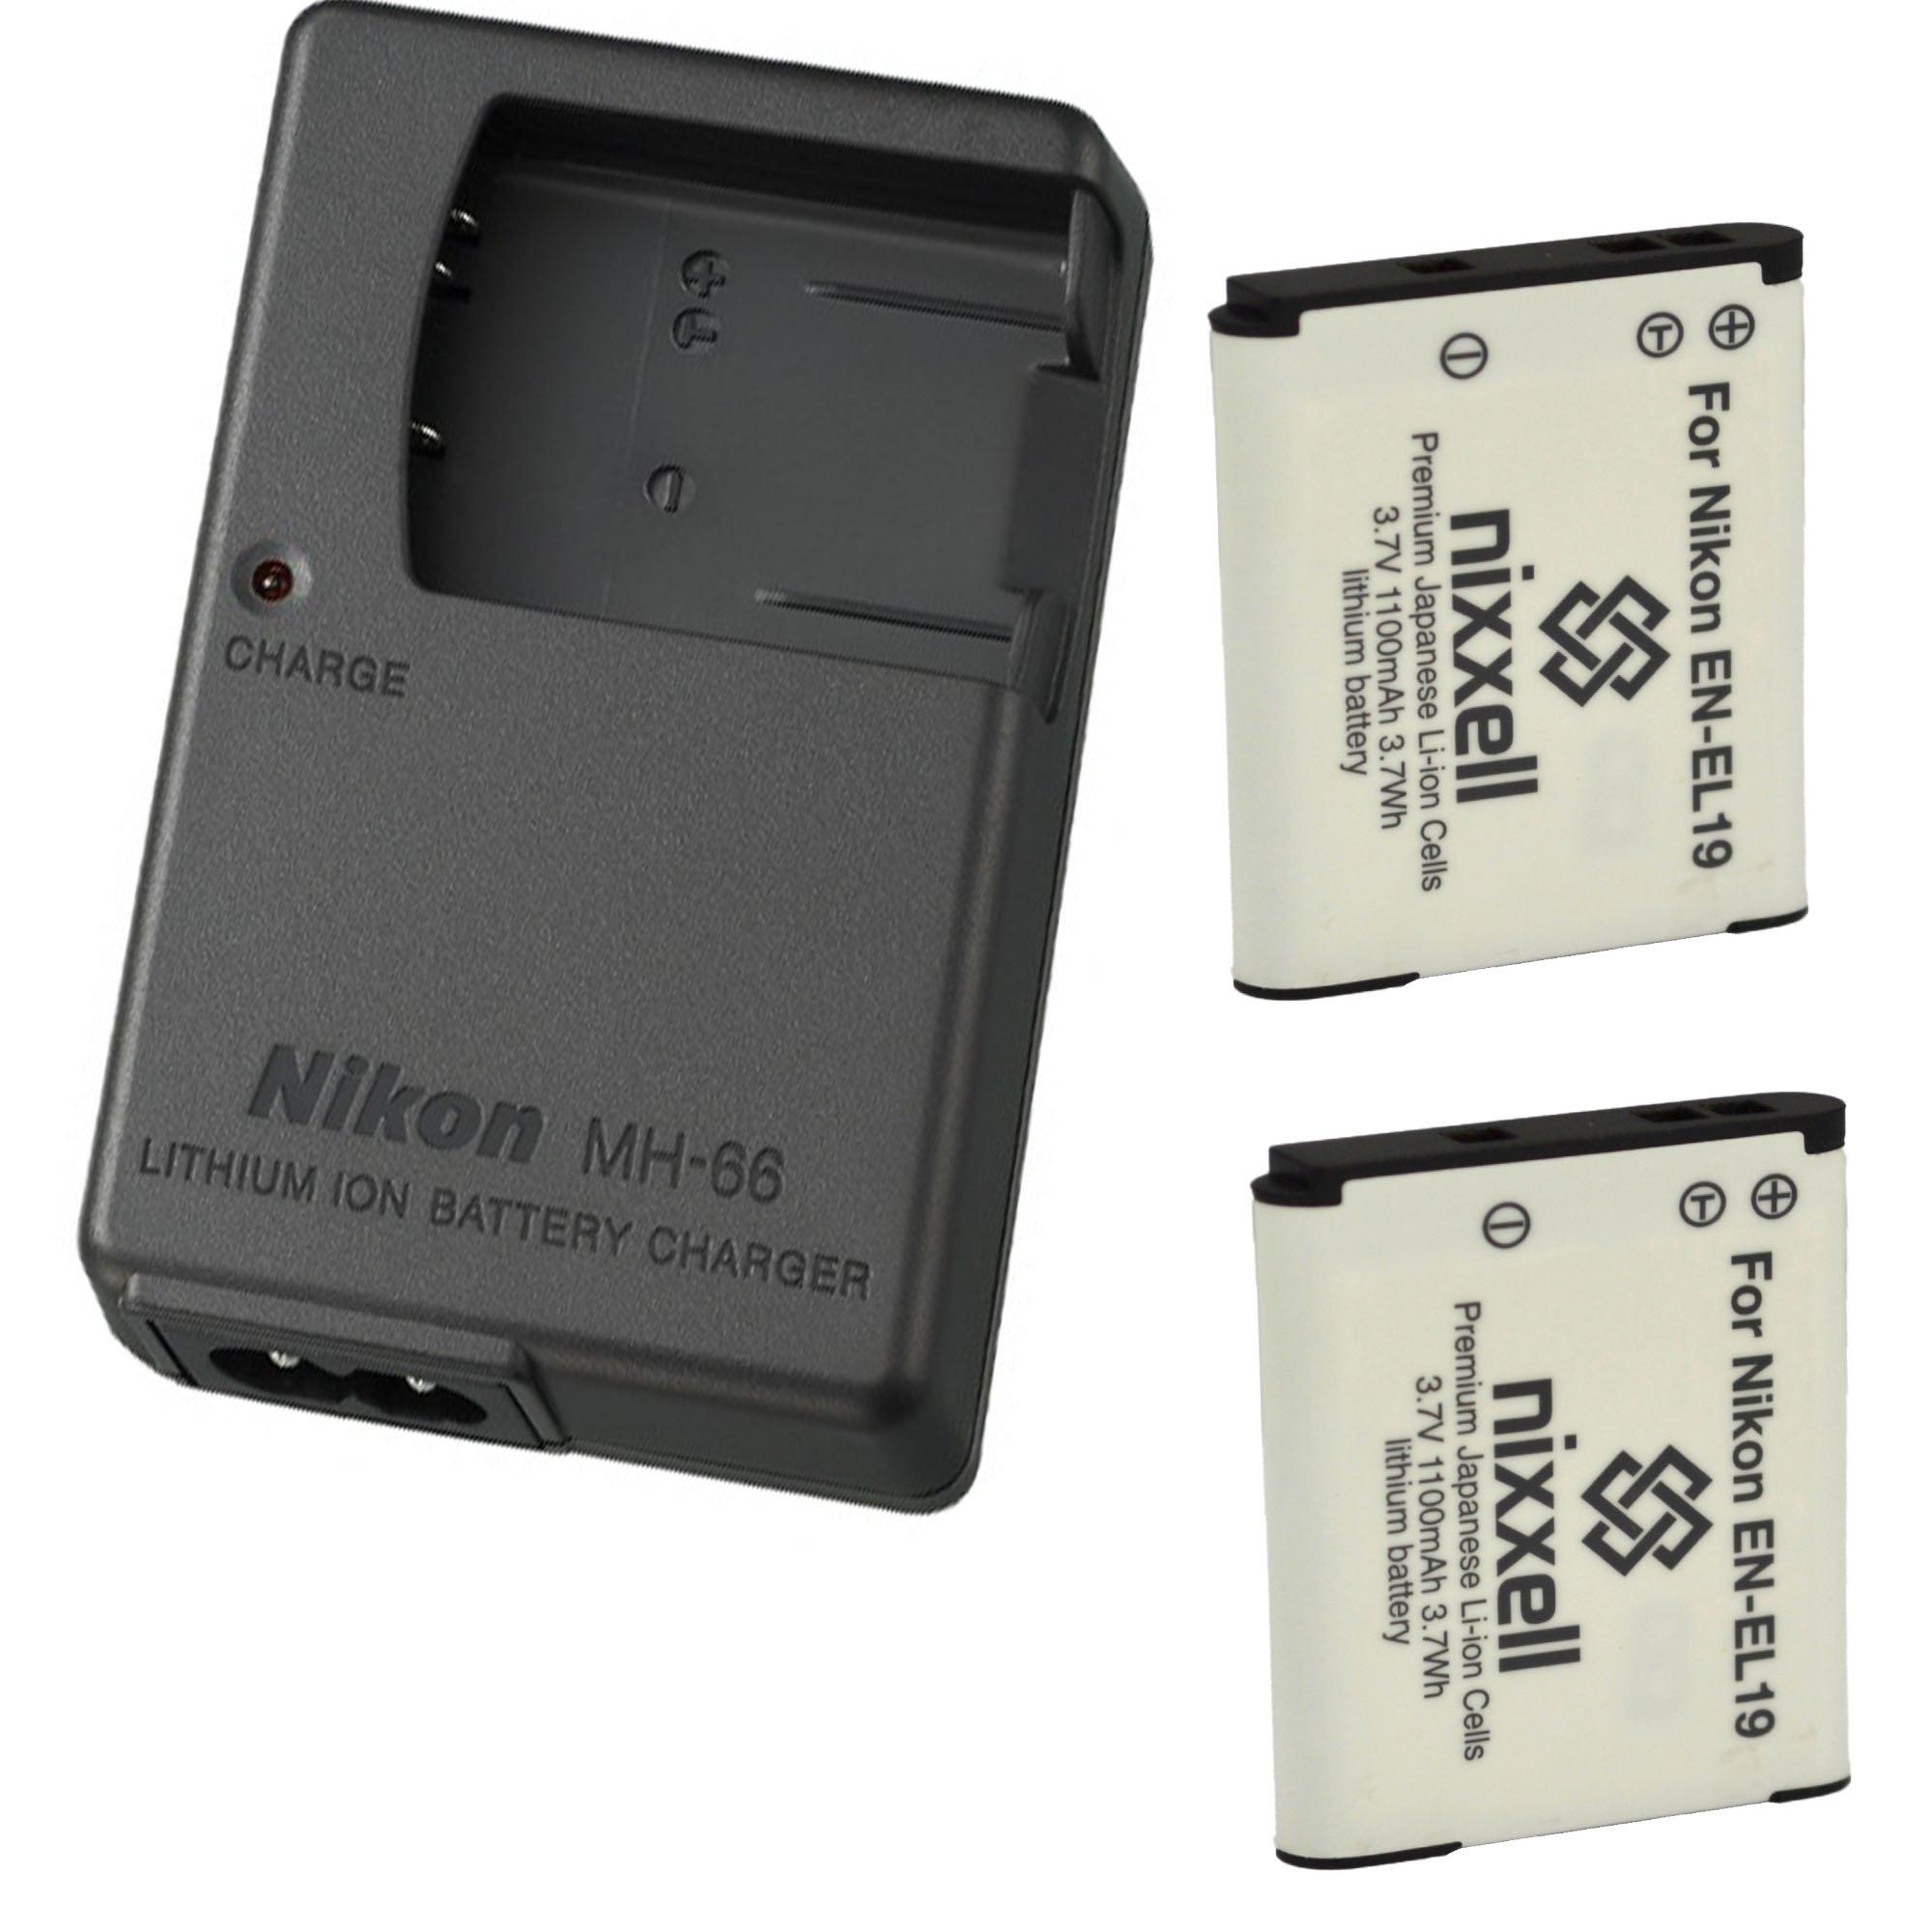 Nikon MH-66 Charger for Nikon EN-EL19 Coolpix S100, S3100, S3200, S3300, S3500, S3600, S3700, S4100, S4200, S4300, S5200, S5300, S6400, S6500, S6800, S6900, S7000 Digital Camera + 2 Bonus Battery!